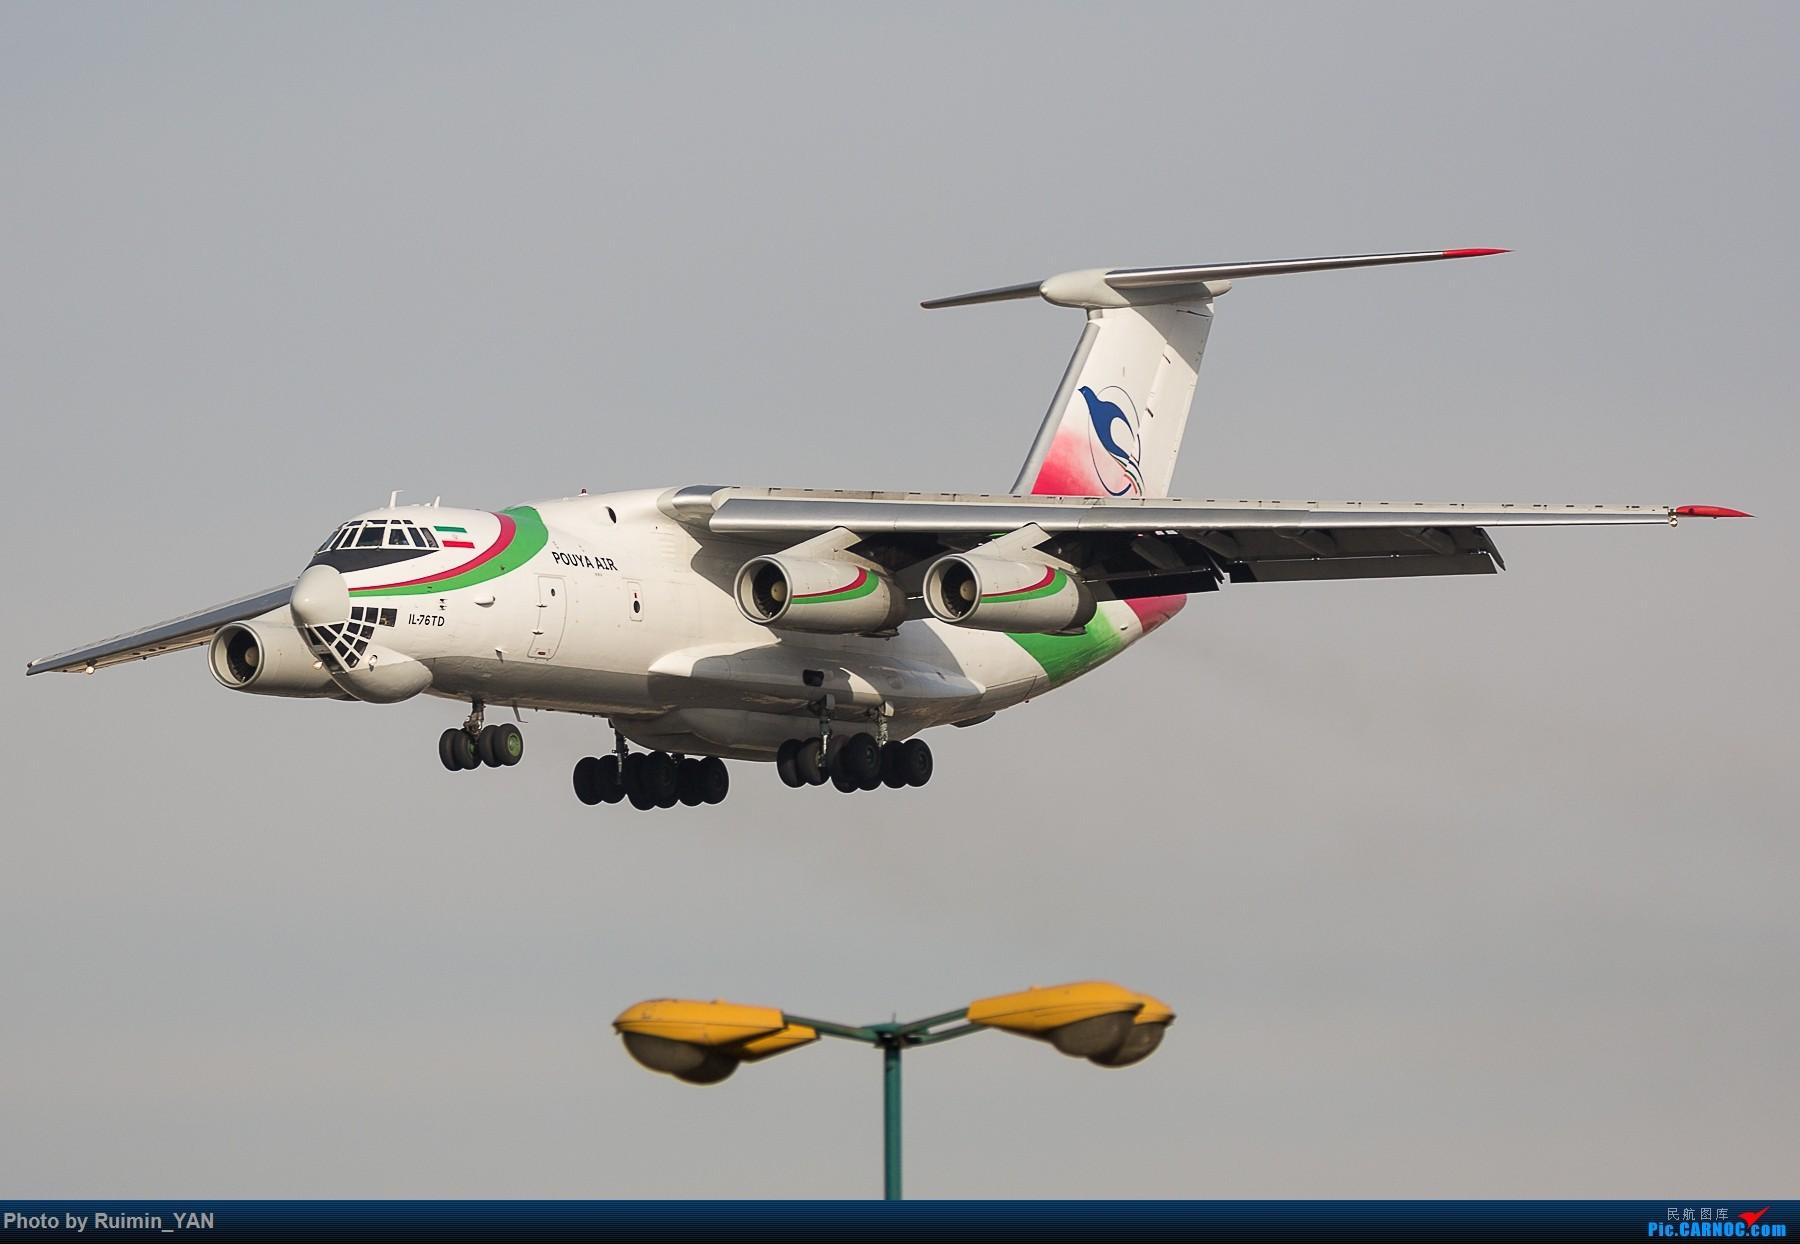 [原创]【THR】【内场】(德黑兰梅赫拉巴德机场)伊朗Pouya航空(Pouya Air)--Ilyushin IL-76-TD ILYUSHIN IL-76-TD EP-PUS 德黑兰梅赫拉巴德国际机场